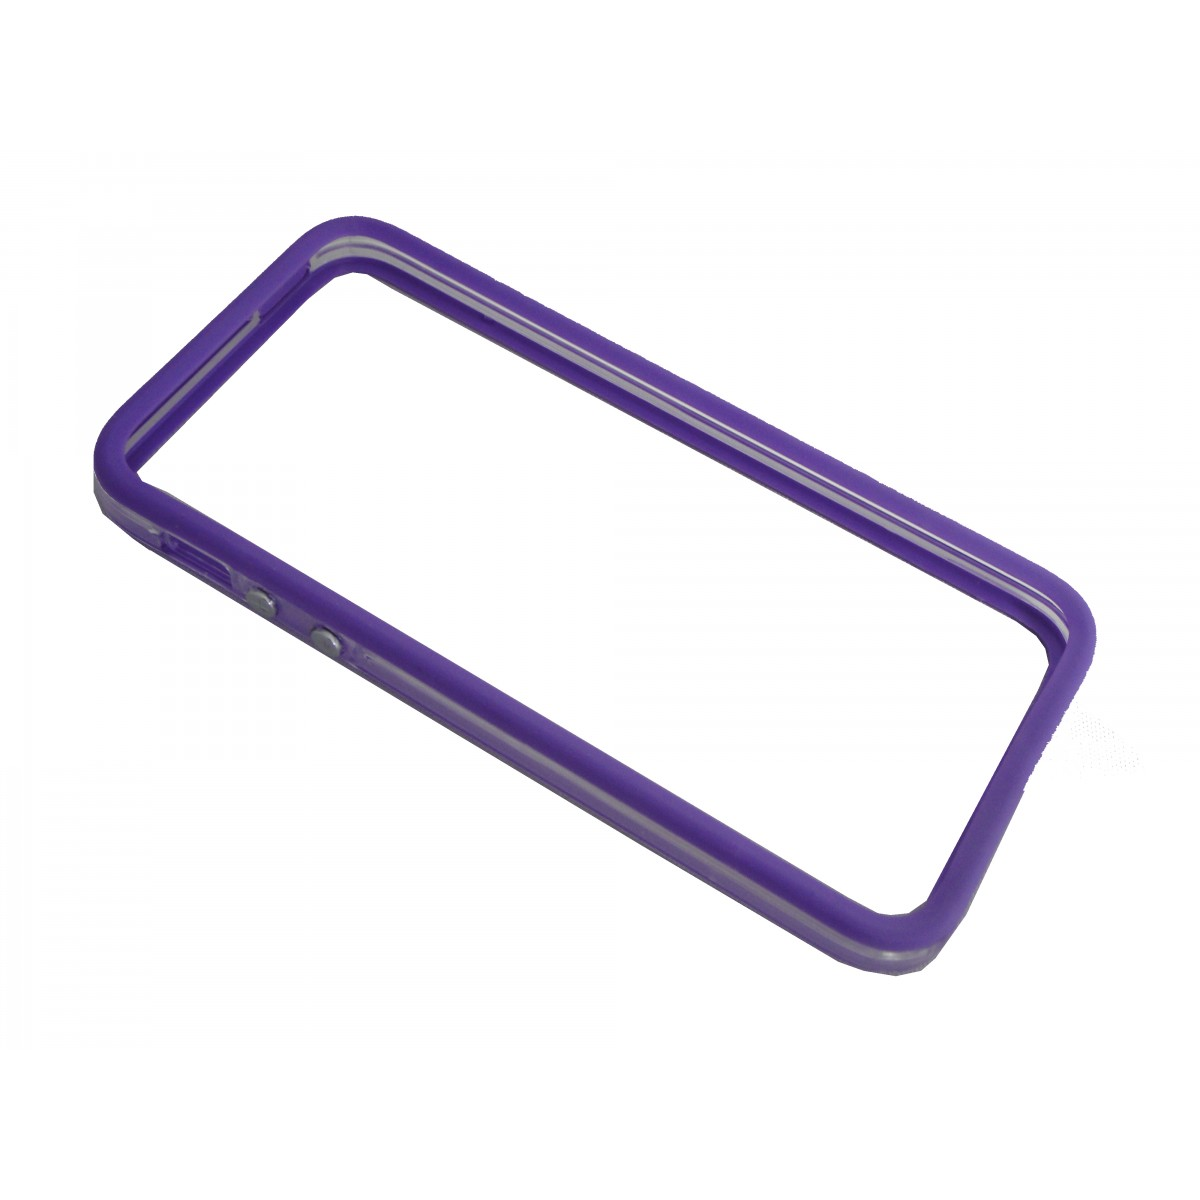 Capa Bumper Iphone 5 5G 5S  Pelicula Roxa